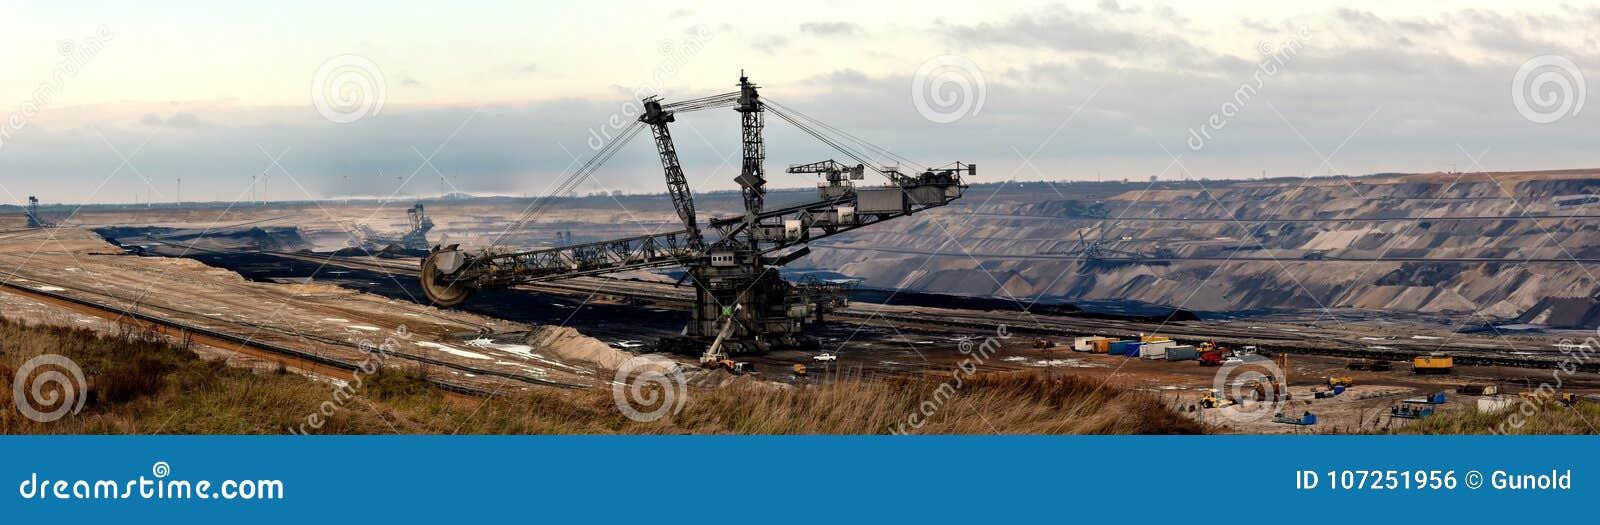 Vista panorâmica da mineração opencast em minha vizinhança